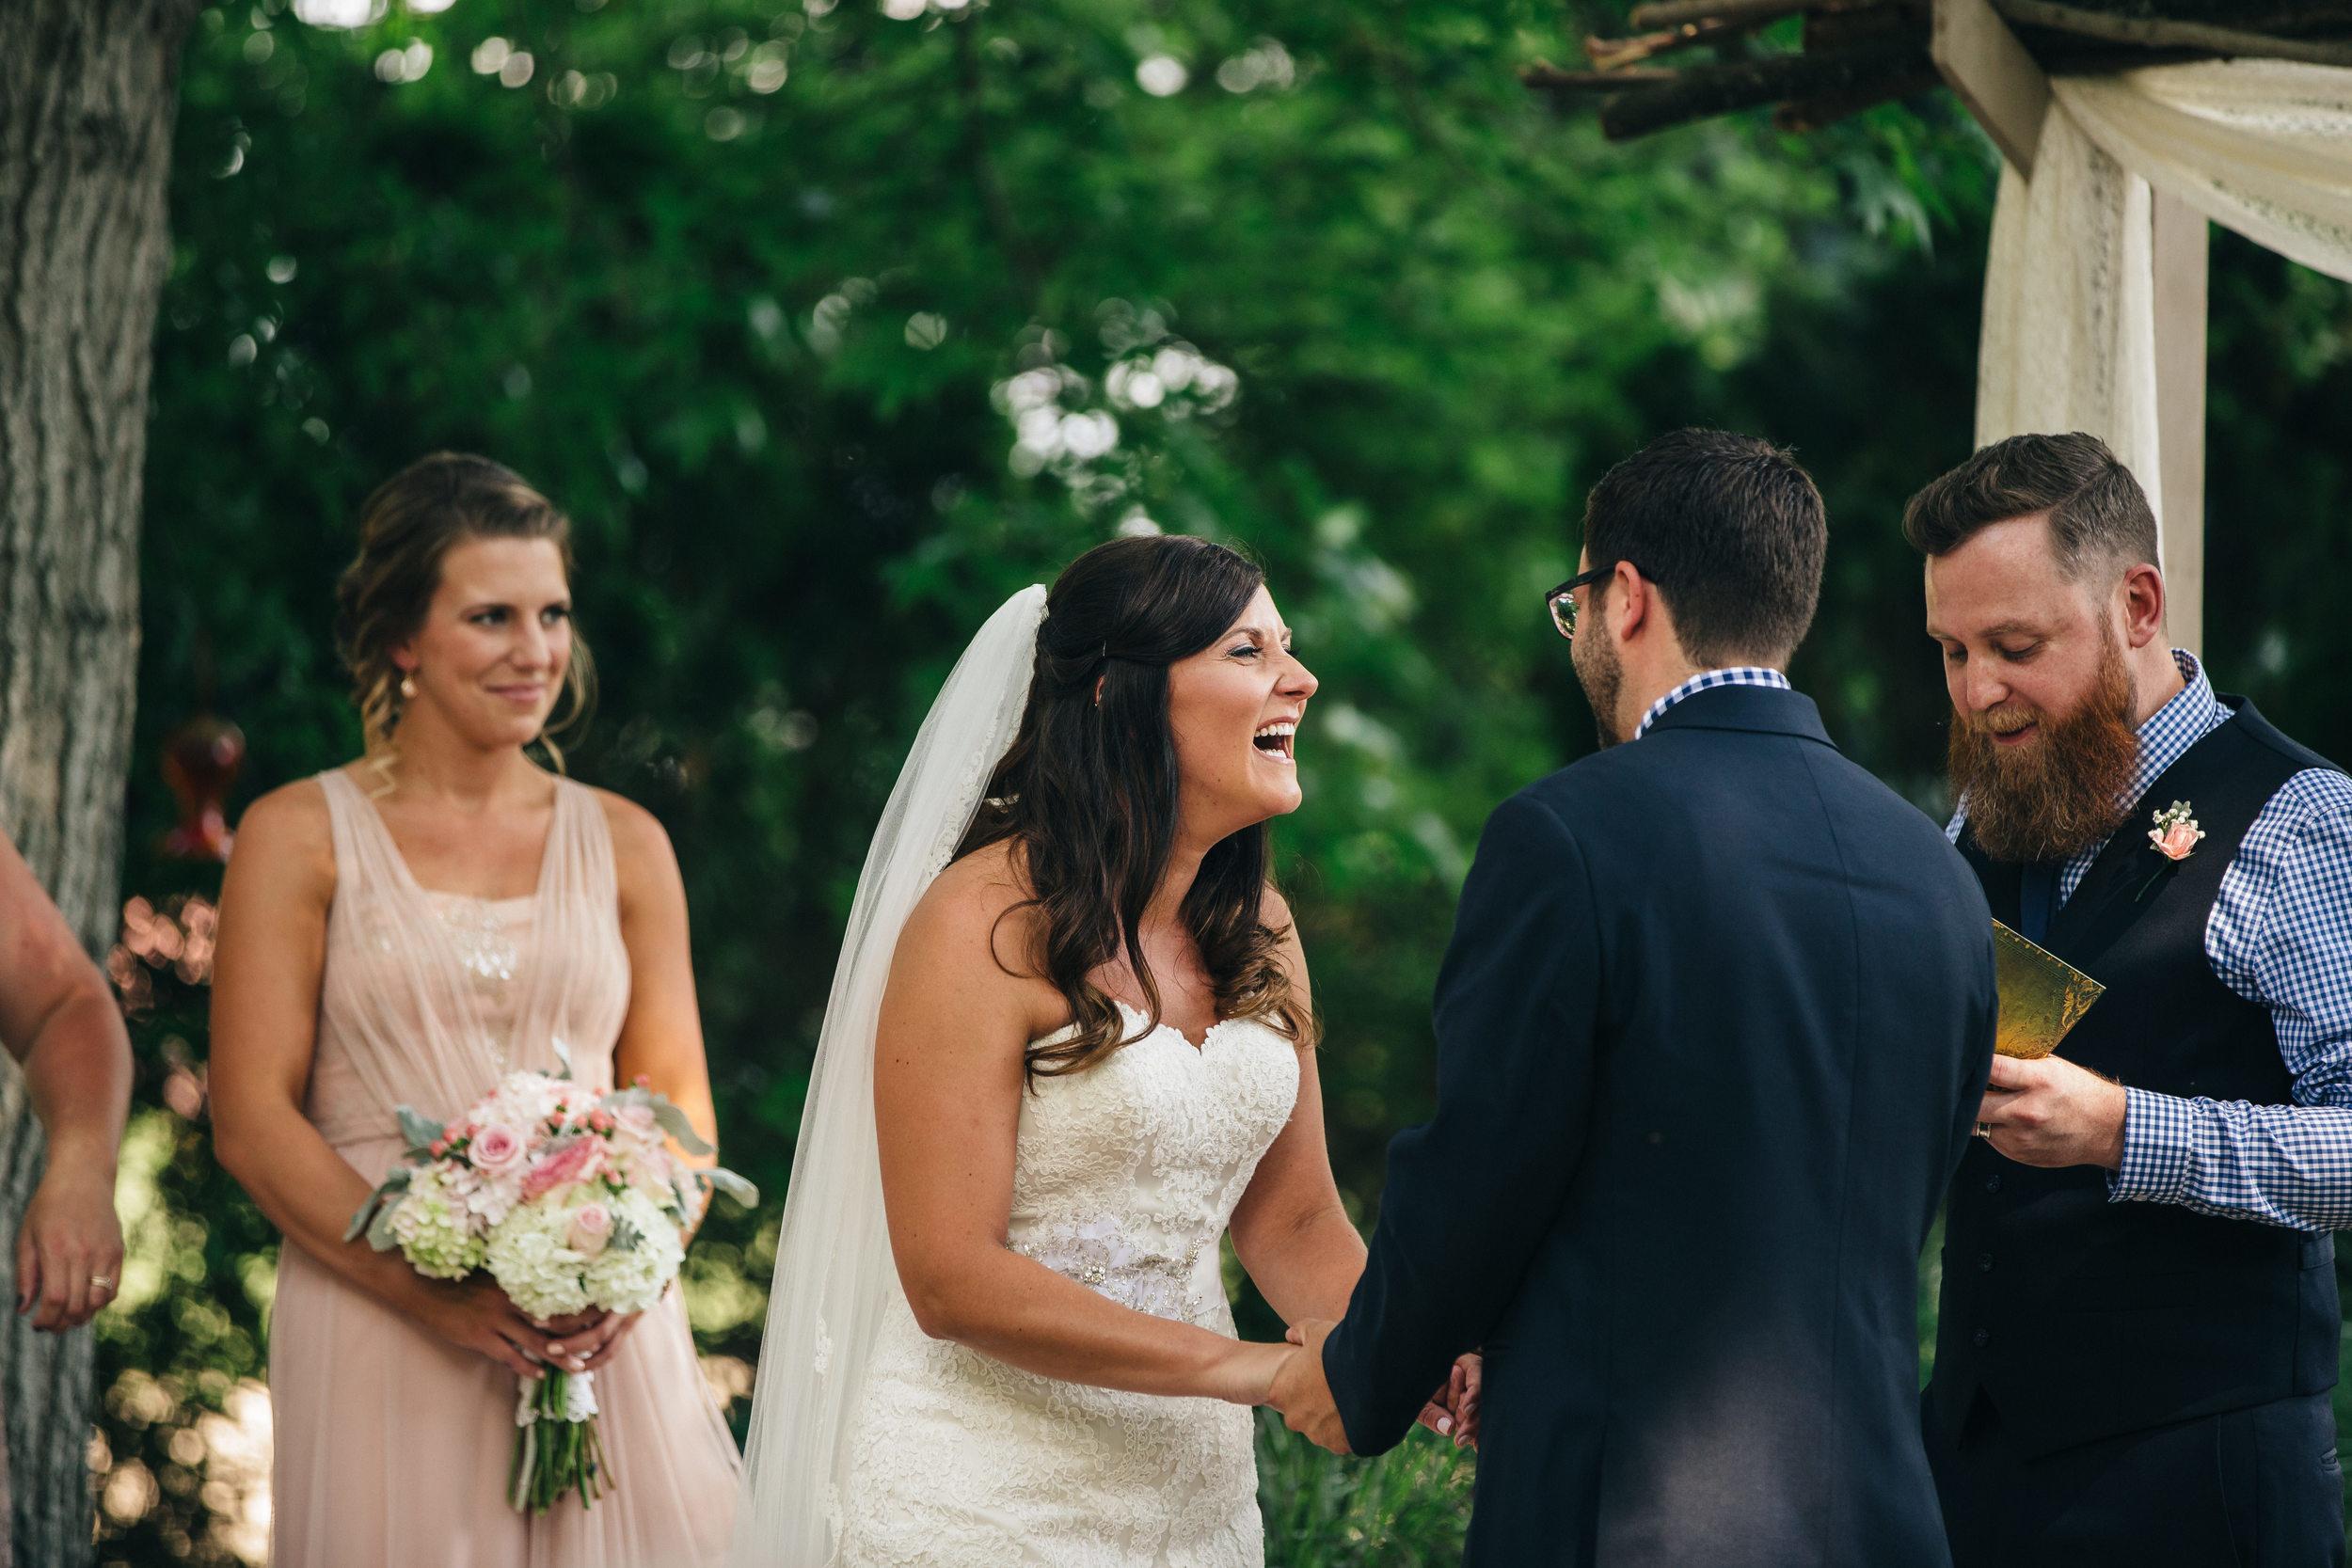 Wedding Ceremony Photography in Canton, Ohio